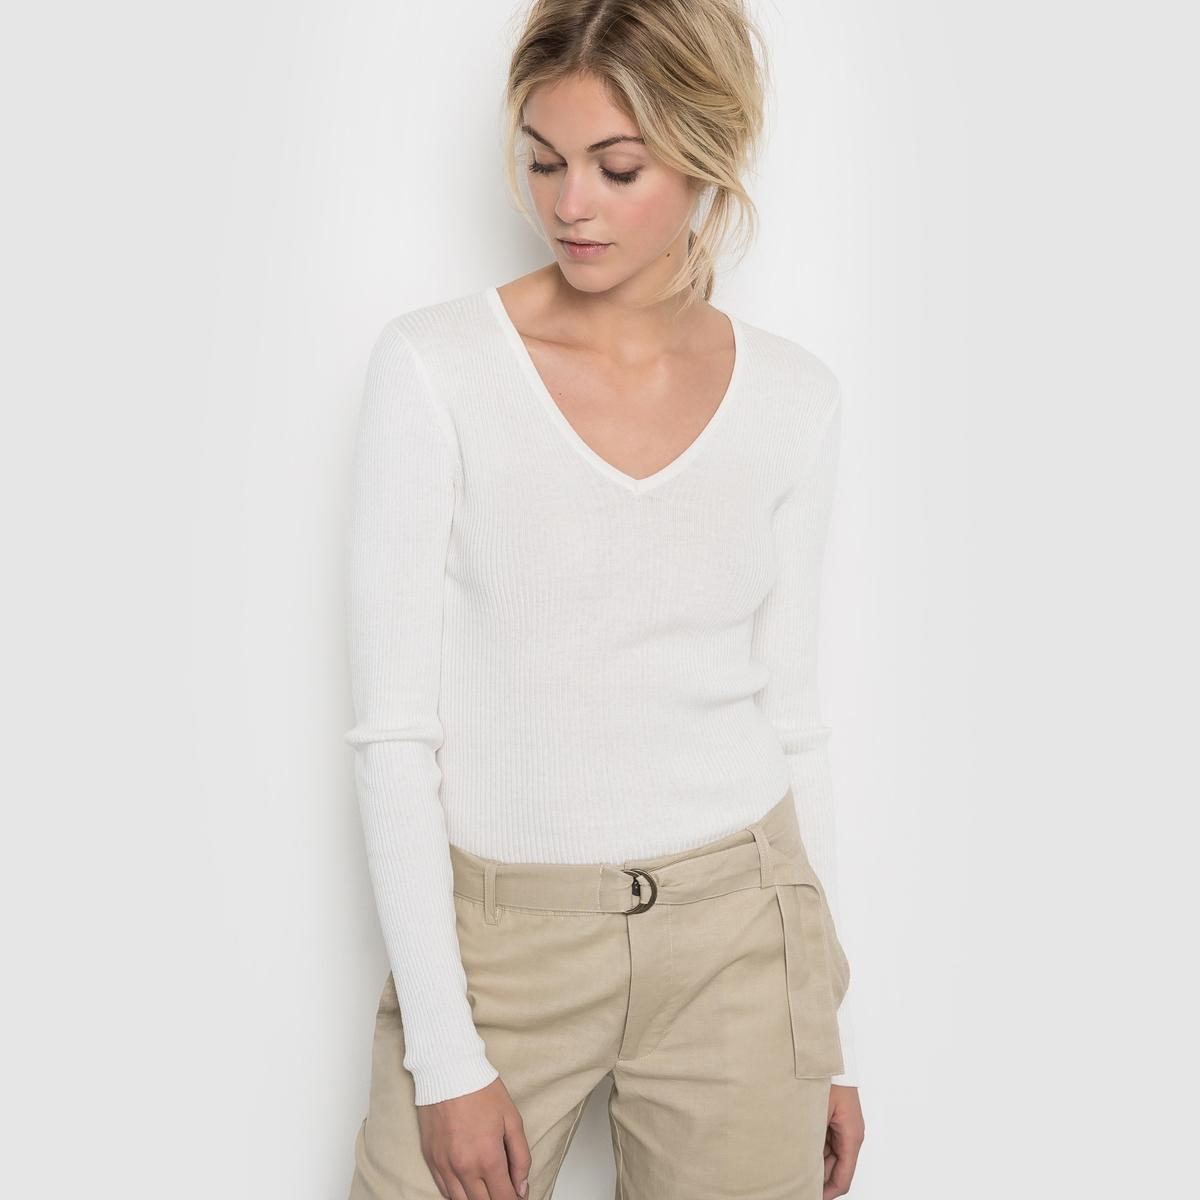 Пуловер с V-образным вырезомПуловер с V-образным вырезом. 60% вискозы, 40% хлопка. Длина. 62 см. Длинные рукава.<br><br>Цвет: слоновая кость<br>Размер: 42/44 (FR) - 48/50 (RUS)